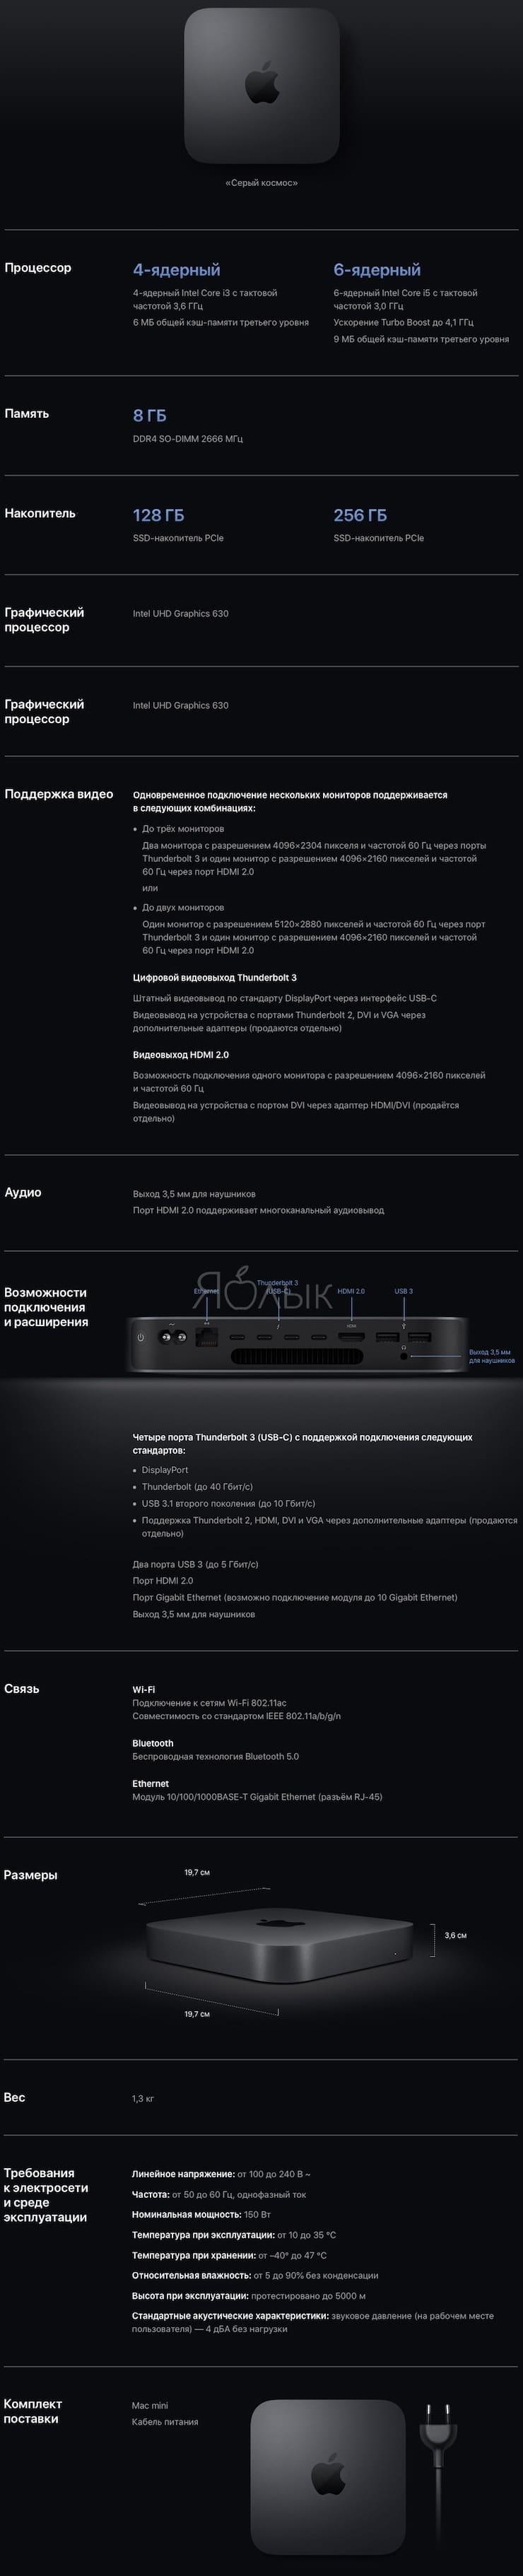 Подробные технические характеристики Mac mini 2018 года